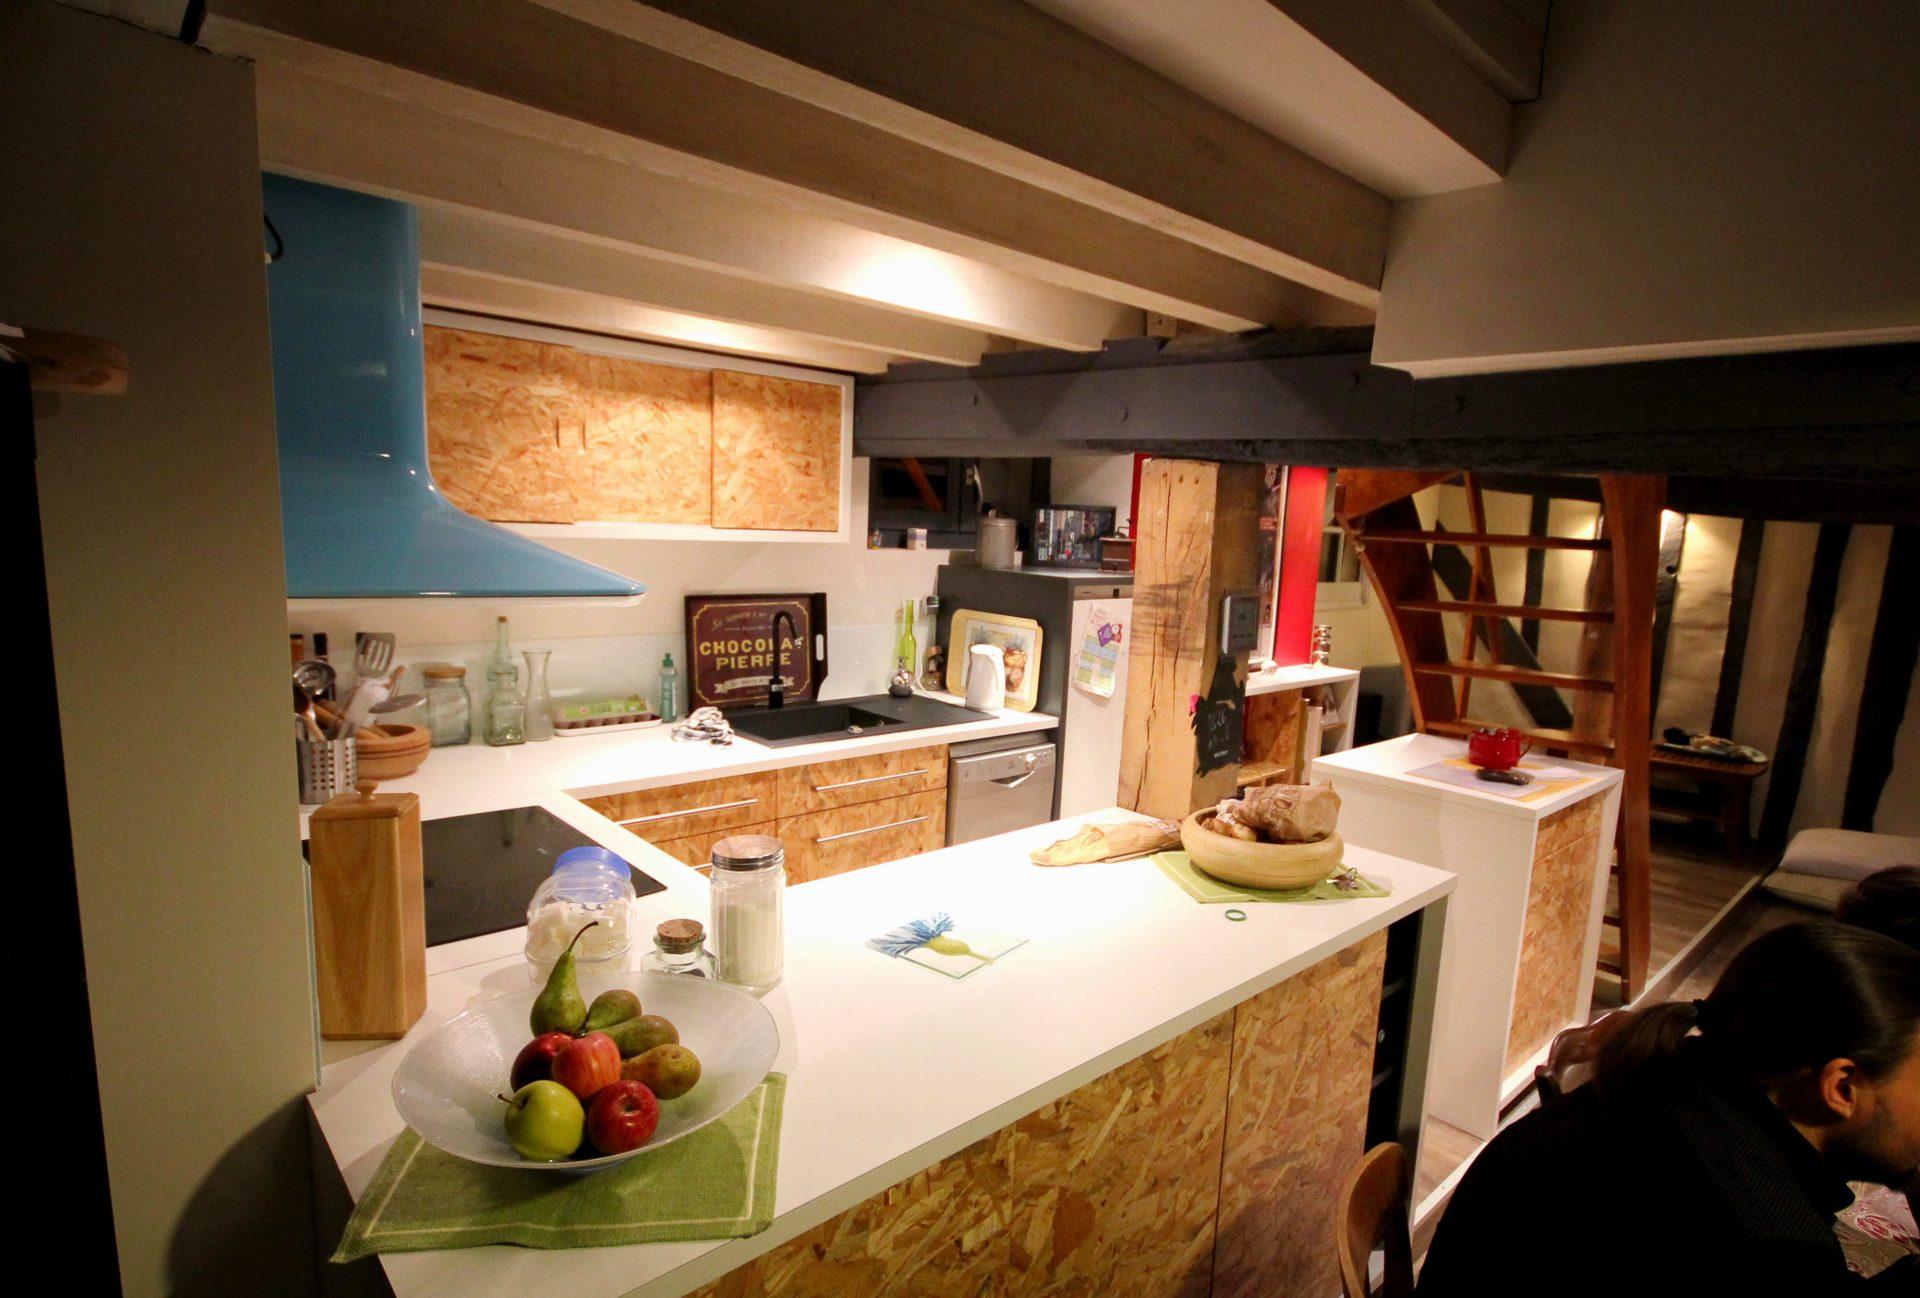 Architecte dintrieur bretagne architecte d interieur int rieur annecy iris design pice - Architecte d interieur vannes ...